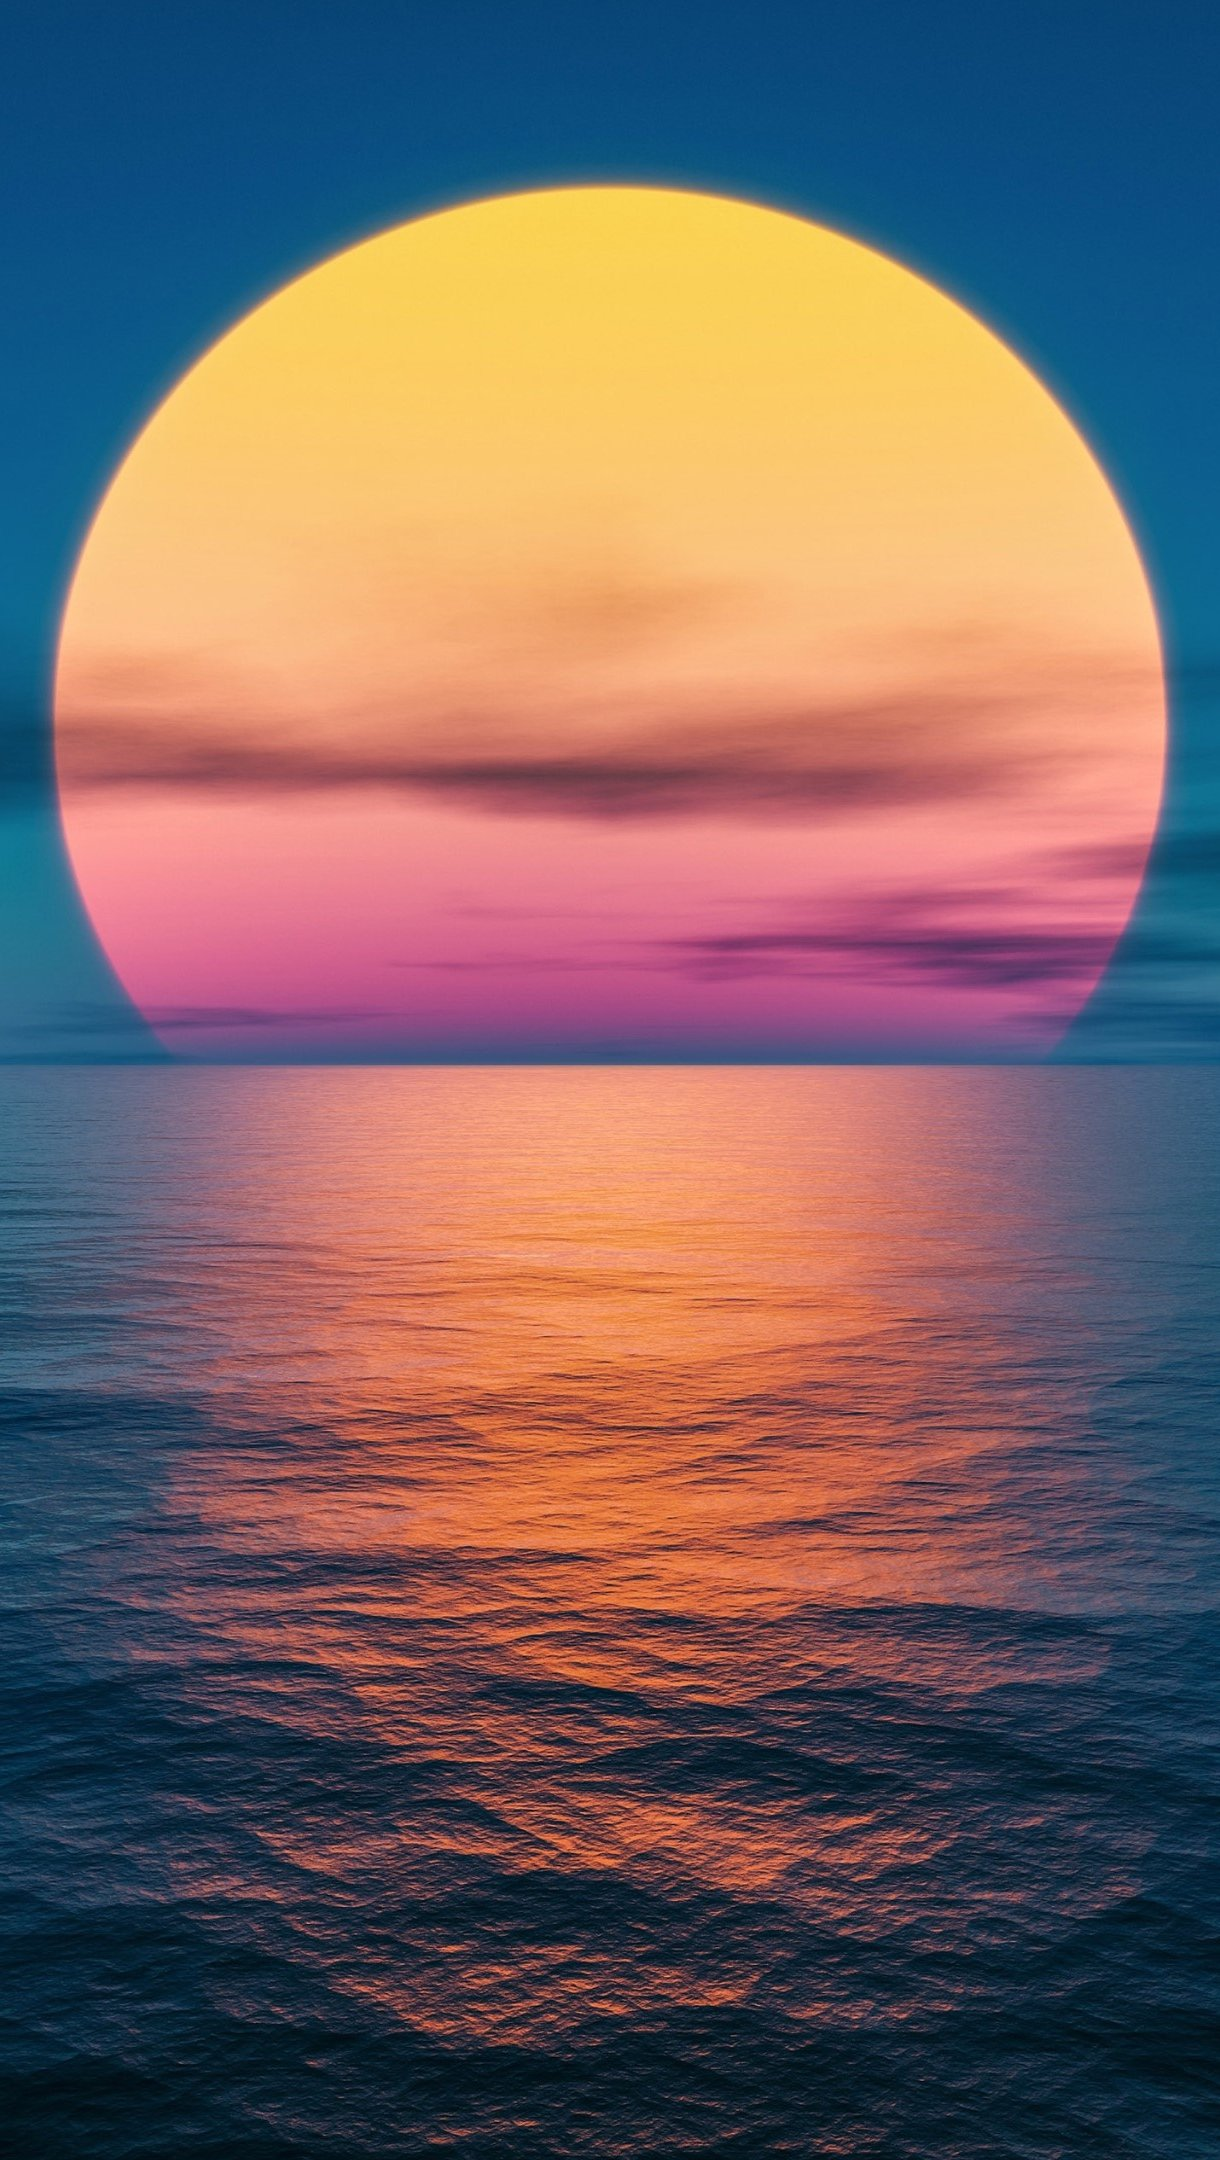 Fondos de pantalla Puesta de sol en el océano Fantasía Vertical